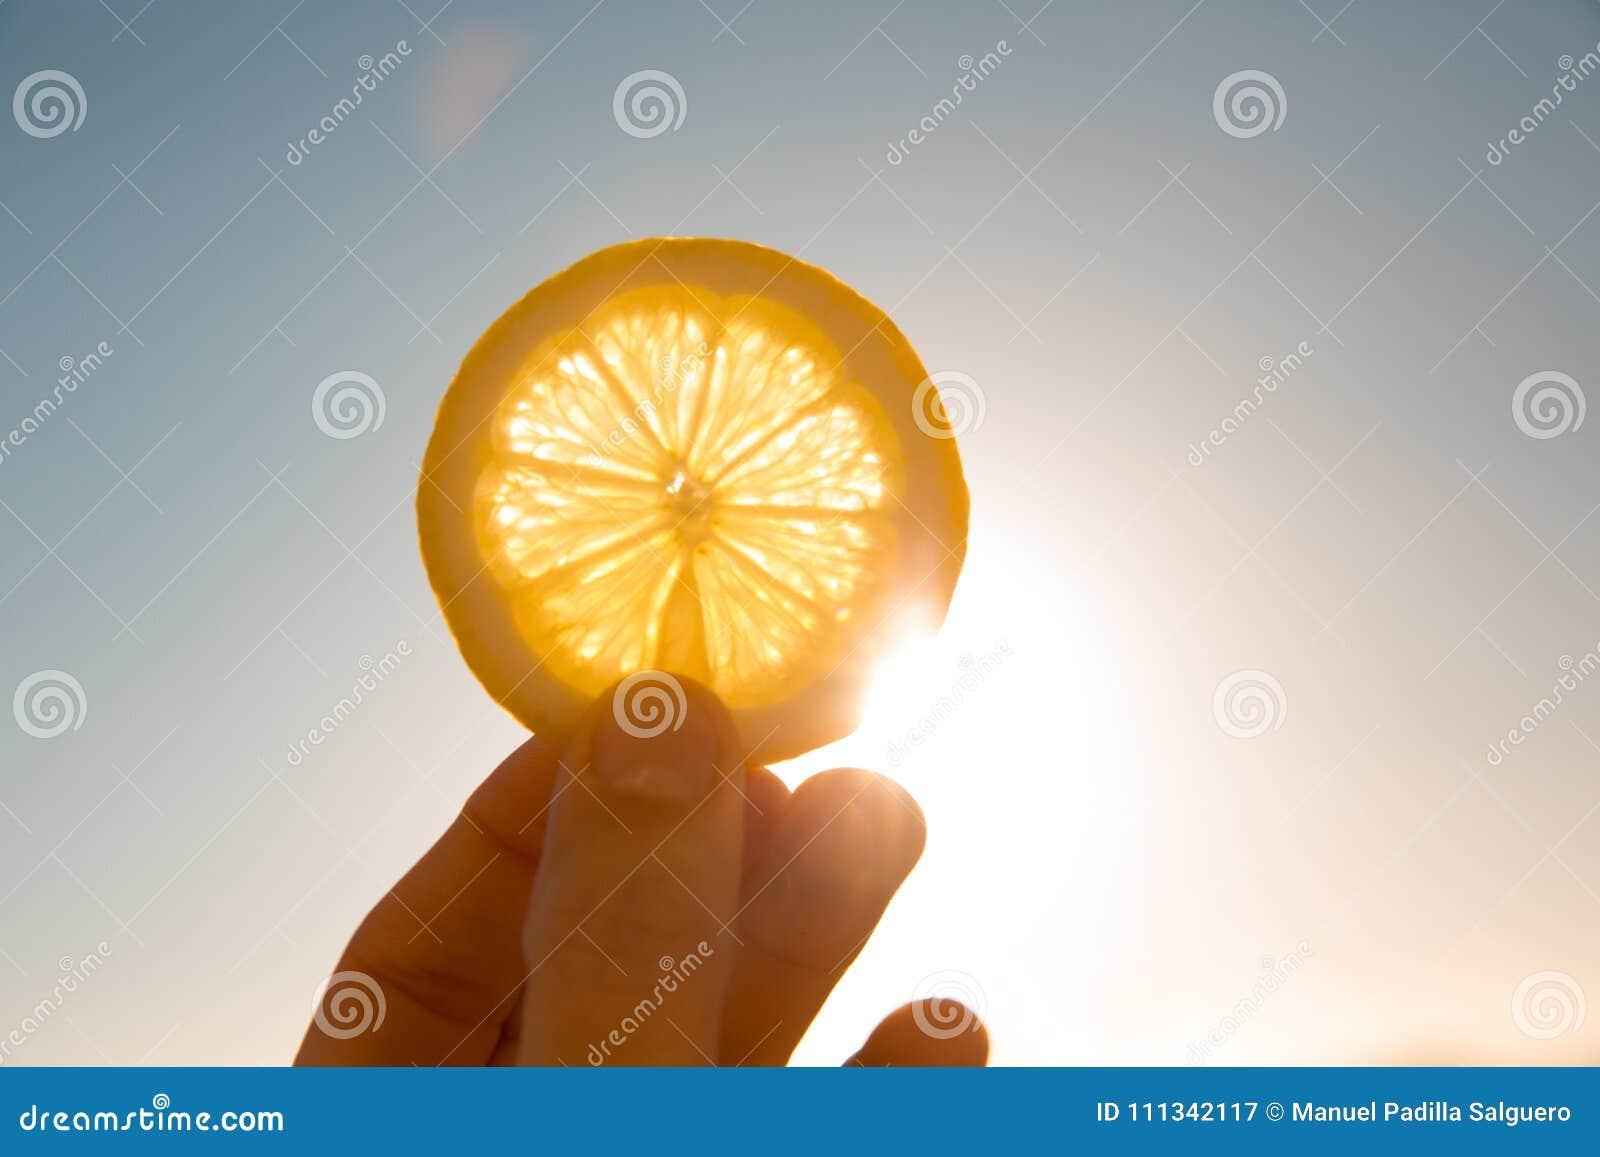 Sun behind lemon slice